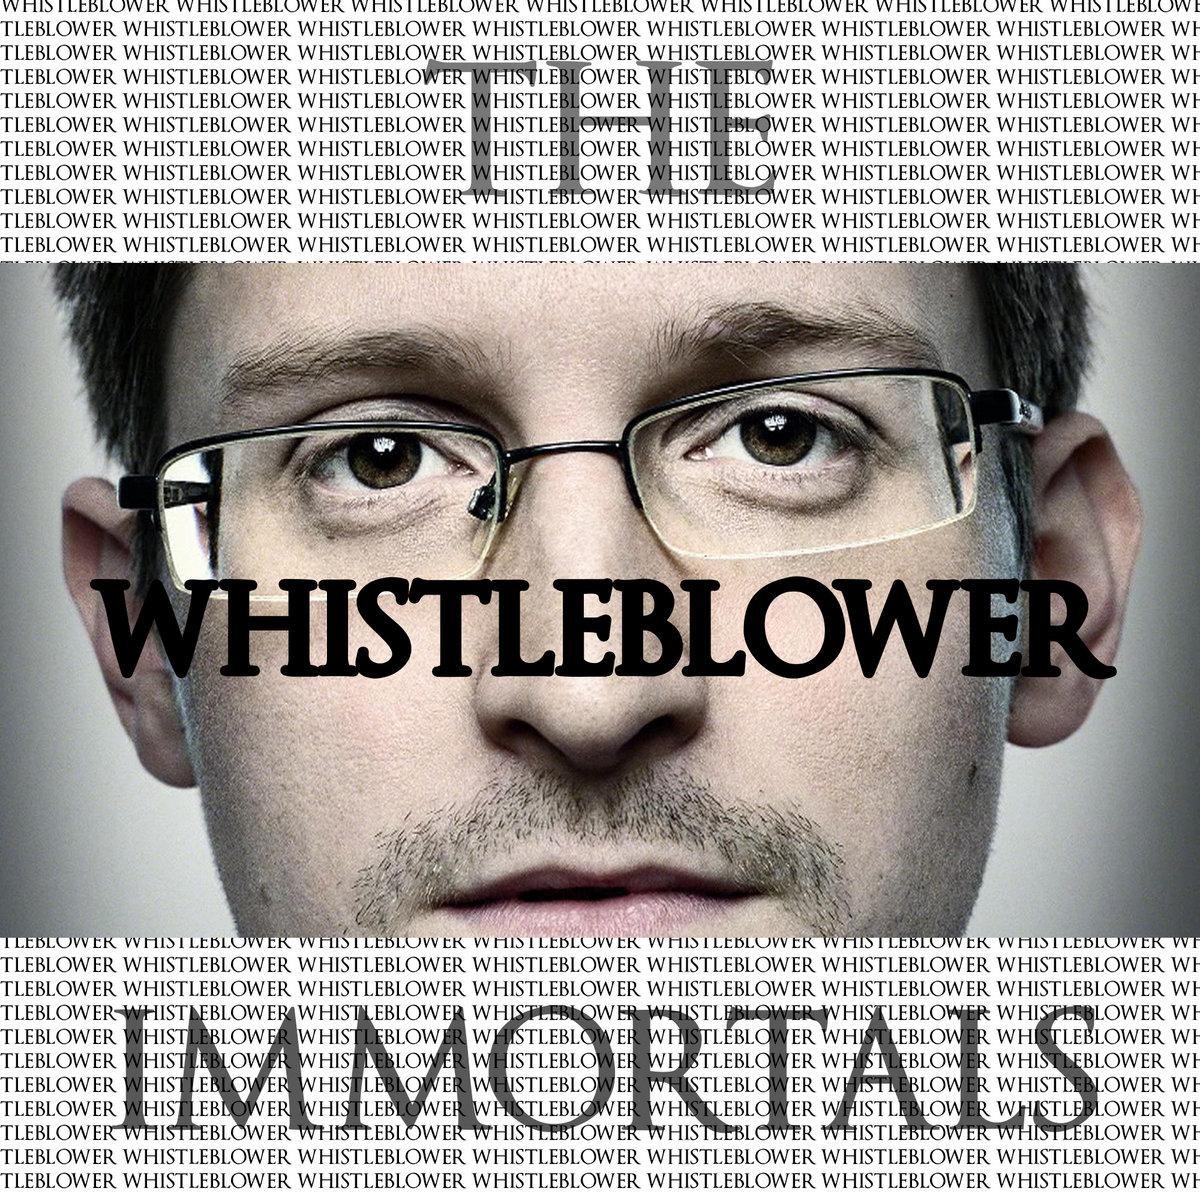 The Immortals - Whistleblower [EP] (2017)